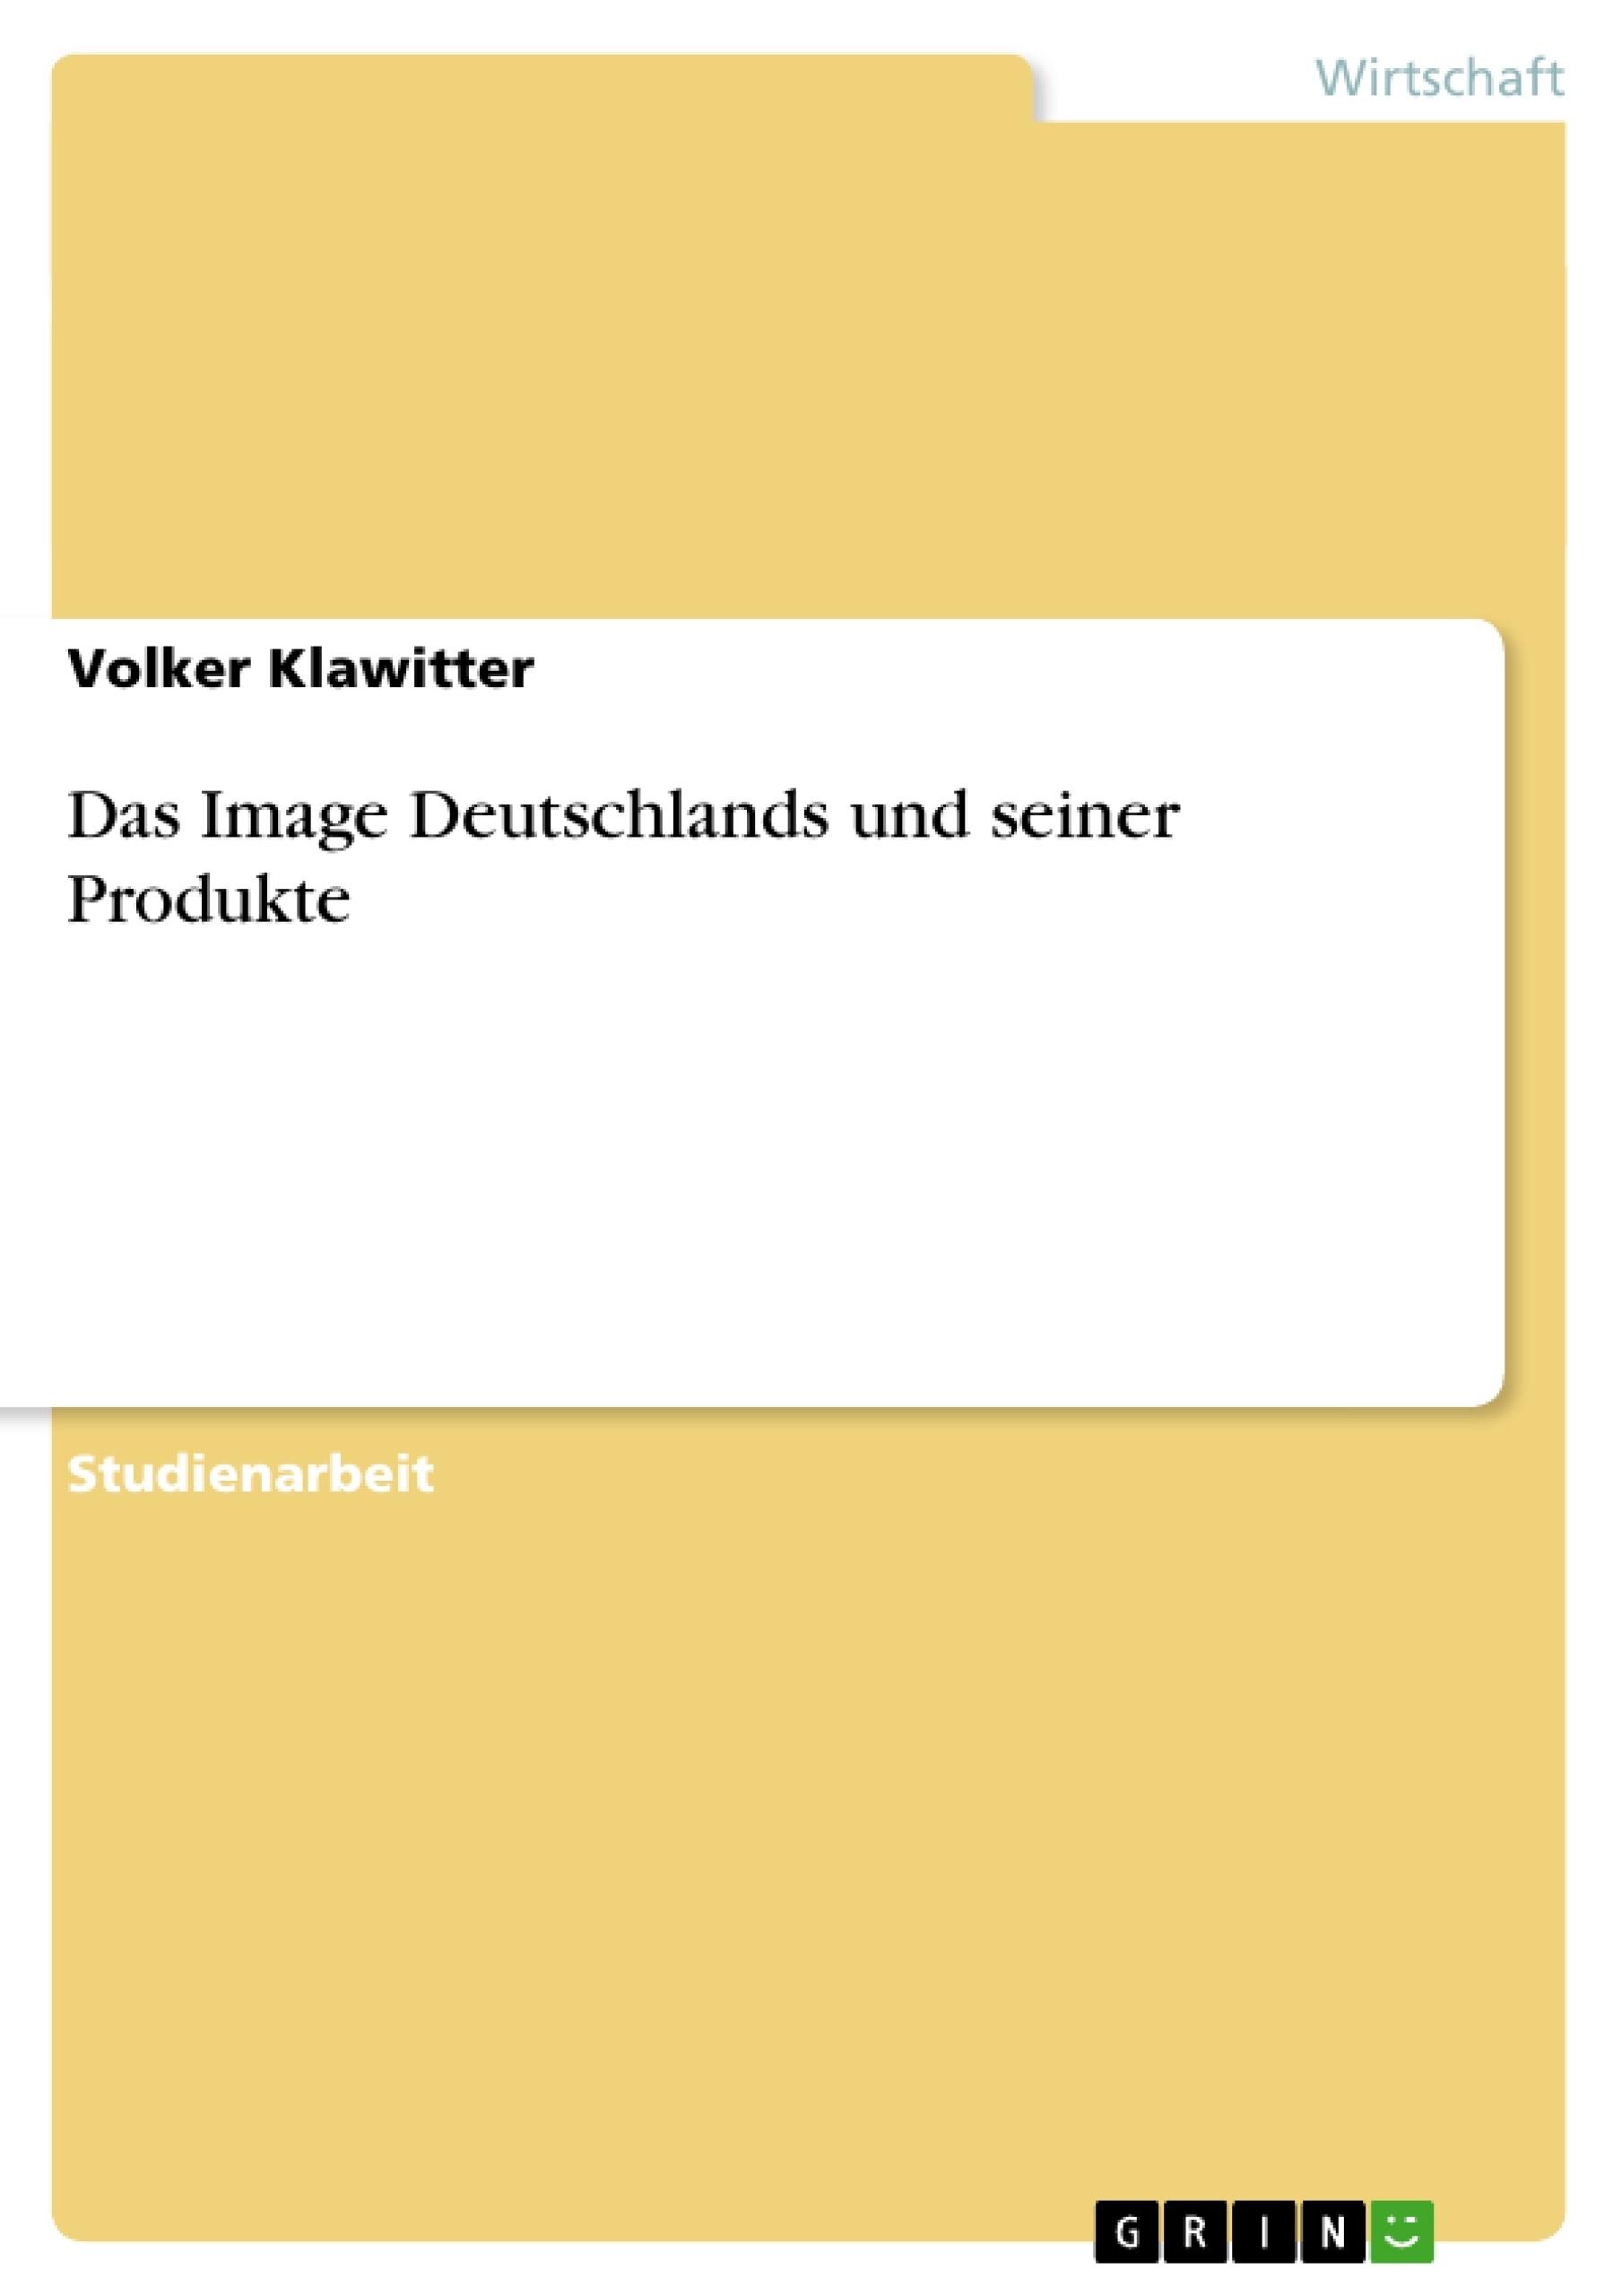 Titel: Das Image Deutschlands und seiner Produkte